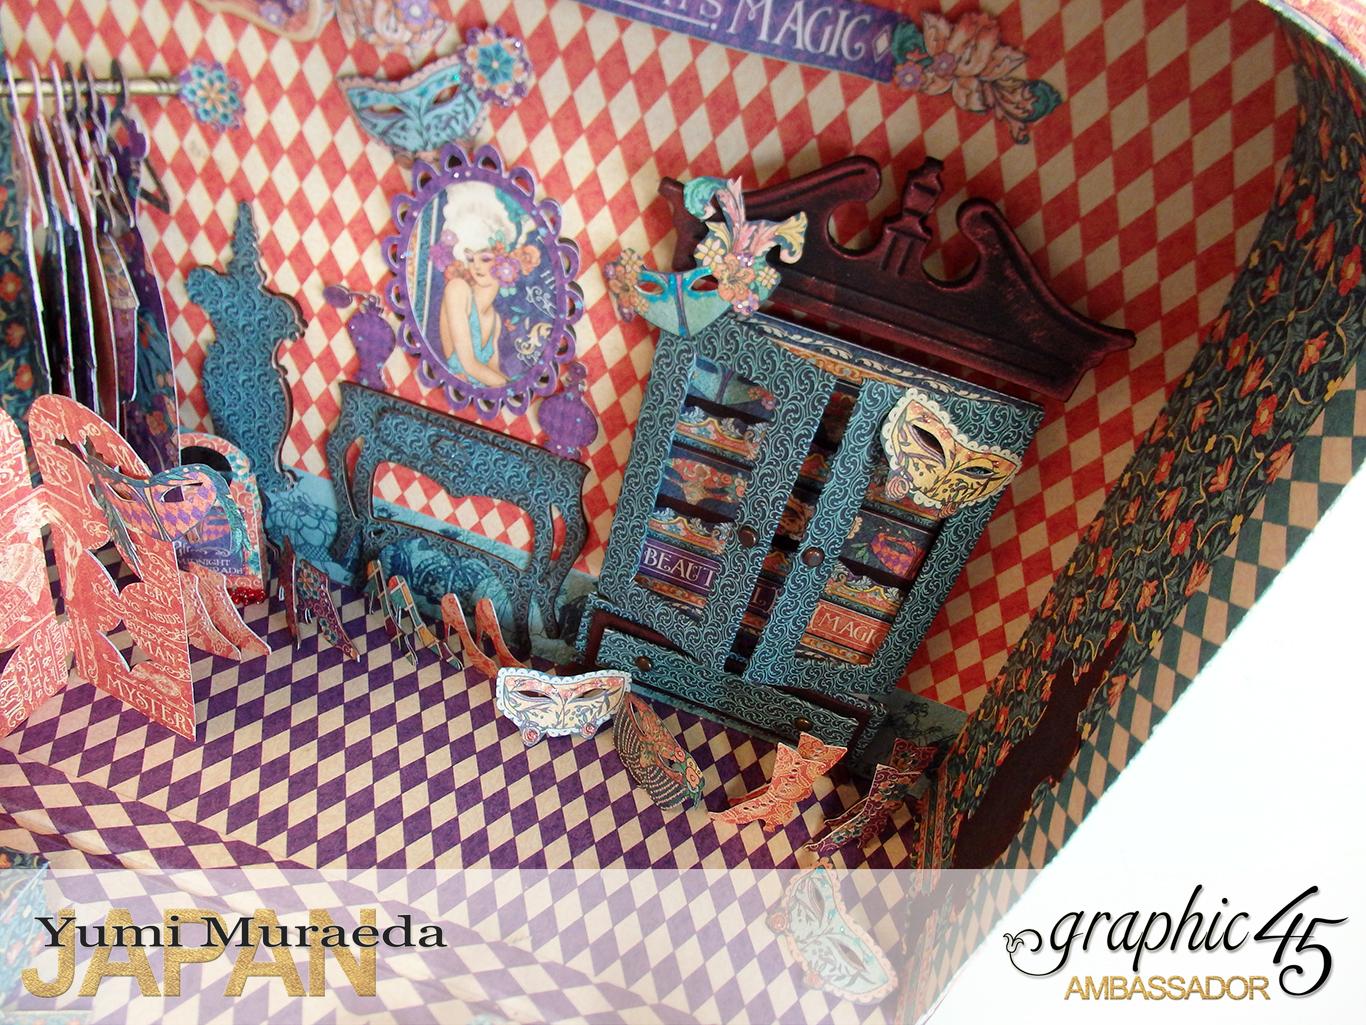 9midnightmasqueradskisekaedesignbyyumiproductbyGraphic45.jpg